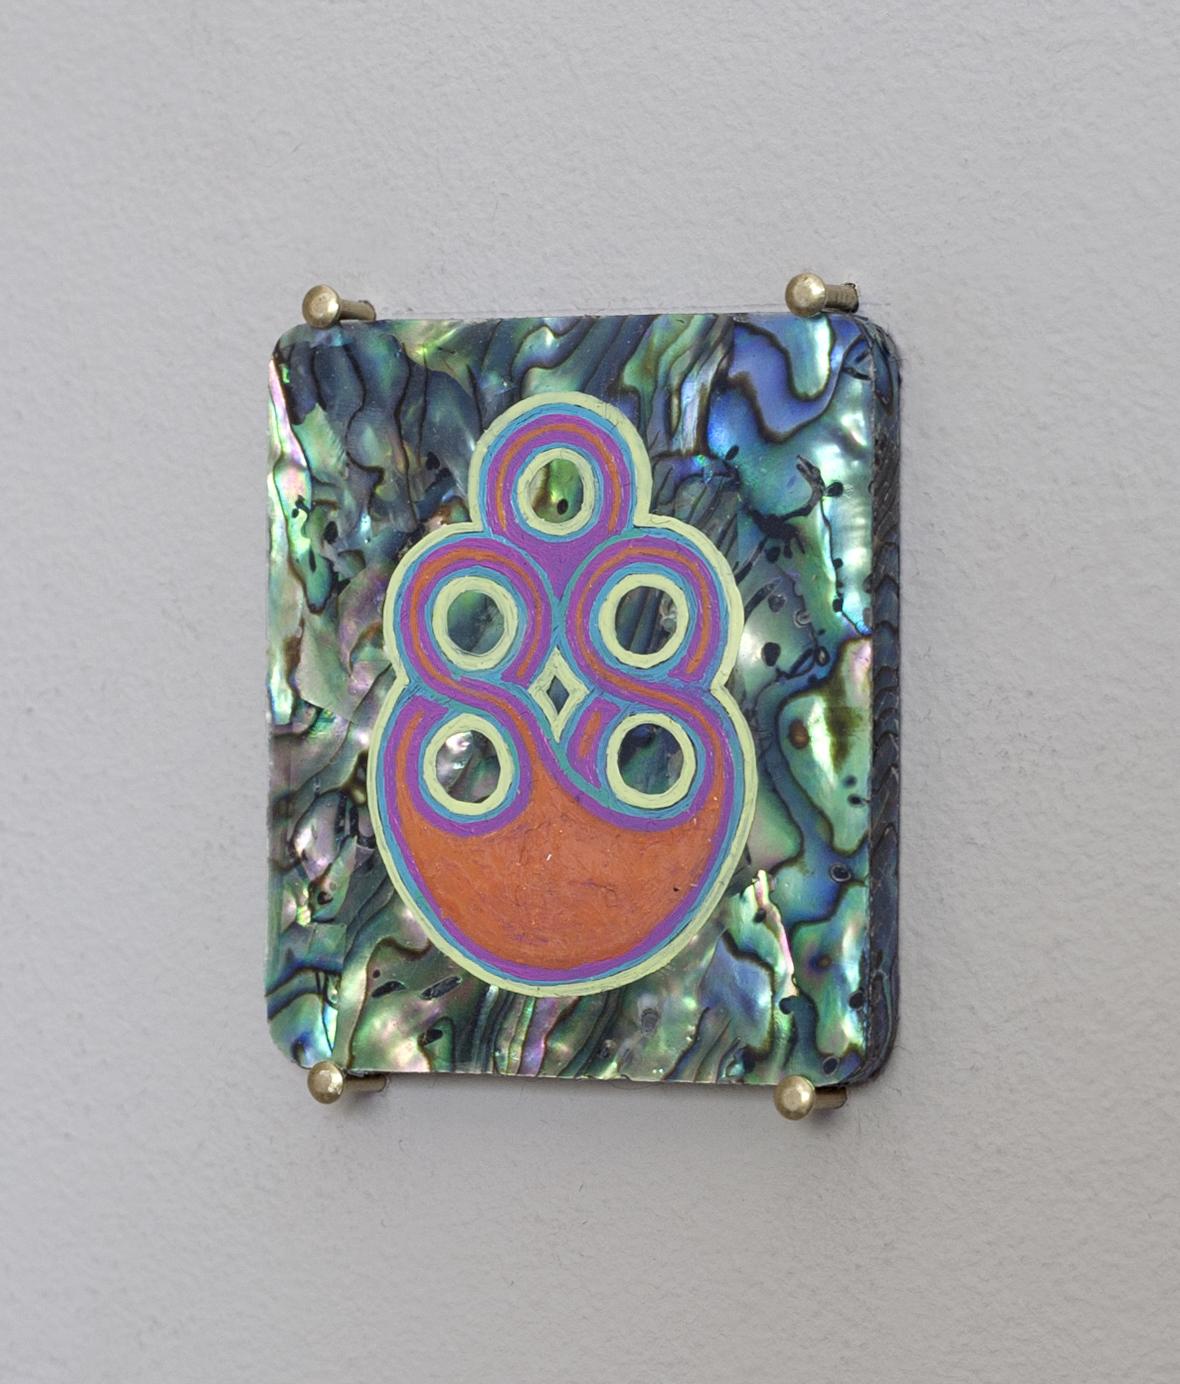 Five small Stigmata, holding pattern